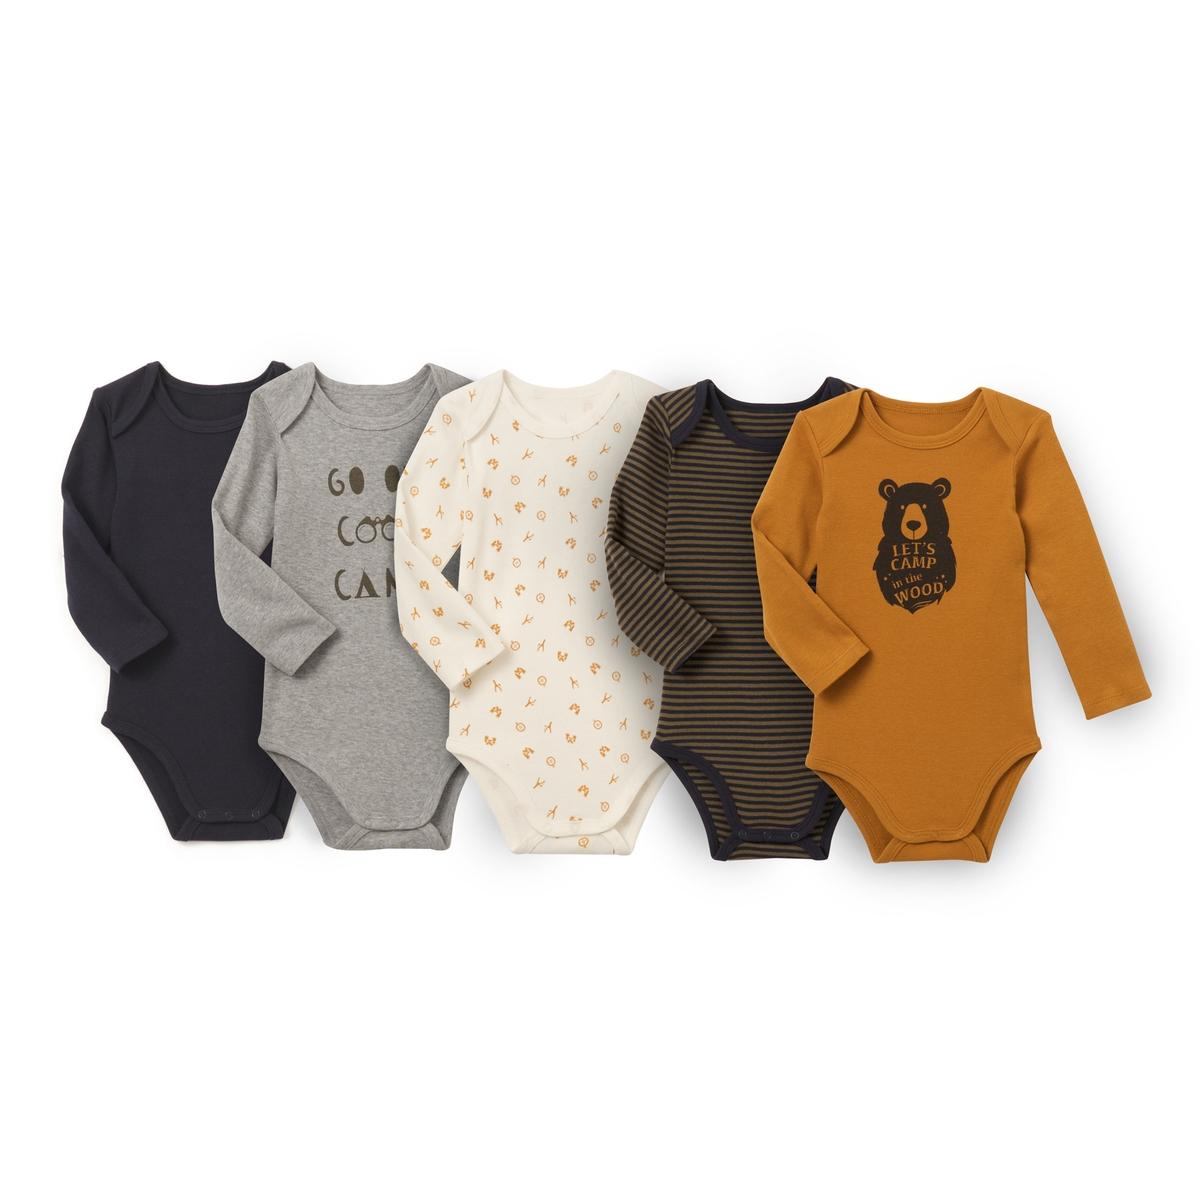 Комплект из 5 боди для новорожденных из хлопкаОписание •  Рисунок-принт •  Для новорожденных •  Длинные рукава  •  Из хлопкаСостав и уход •  100% хлопок  •  Машинная стирка при 40 °С  • Низкая температура глажки / не отбеливать     • Барабанная сушка в умеренном режиме       • Сухая чистка запрещена<br><br>Цвет: разноцветный<br>Размер: 0 мес. - 50 см.3 года - 94 см.2 года - 86 см.18 мес. - 81 см.1 год - 74 см.9 мес. - 71 см.6 мес. - 67 см.3 мес. - 60 см